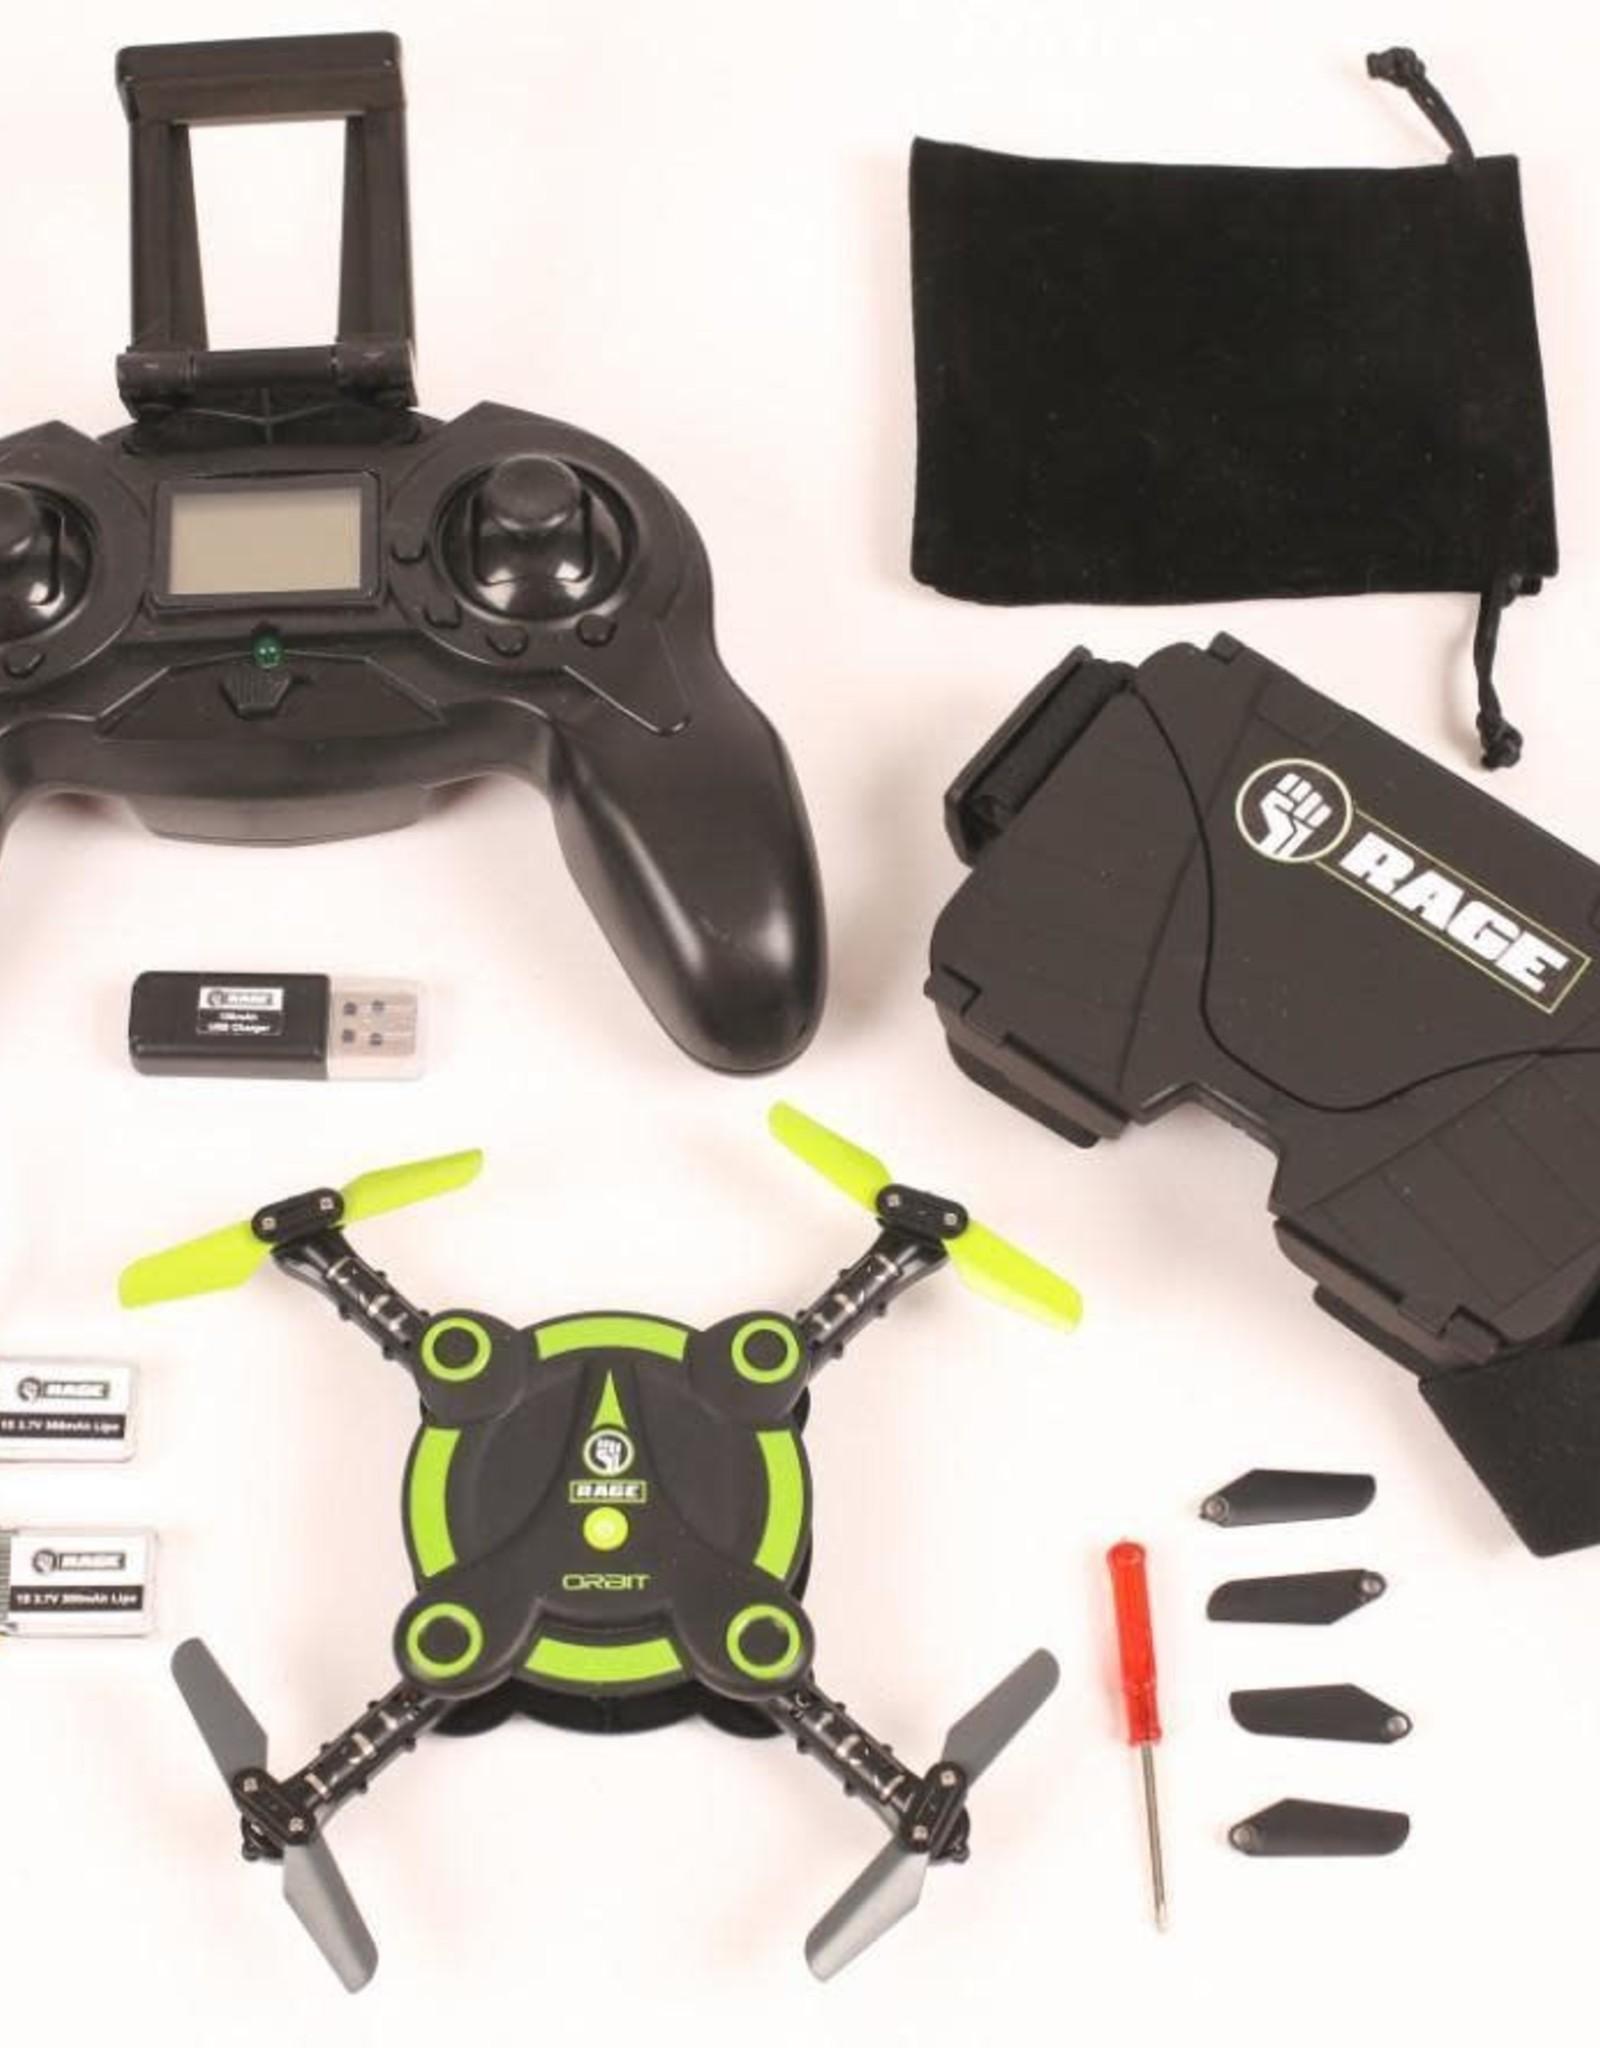 RGR3050  Orbit FPV Pocket Drone RTF